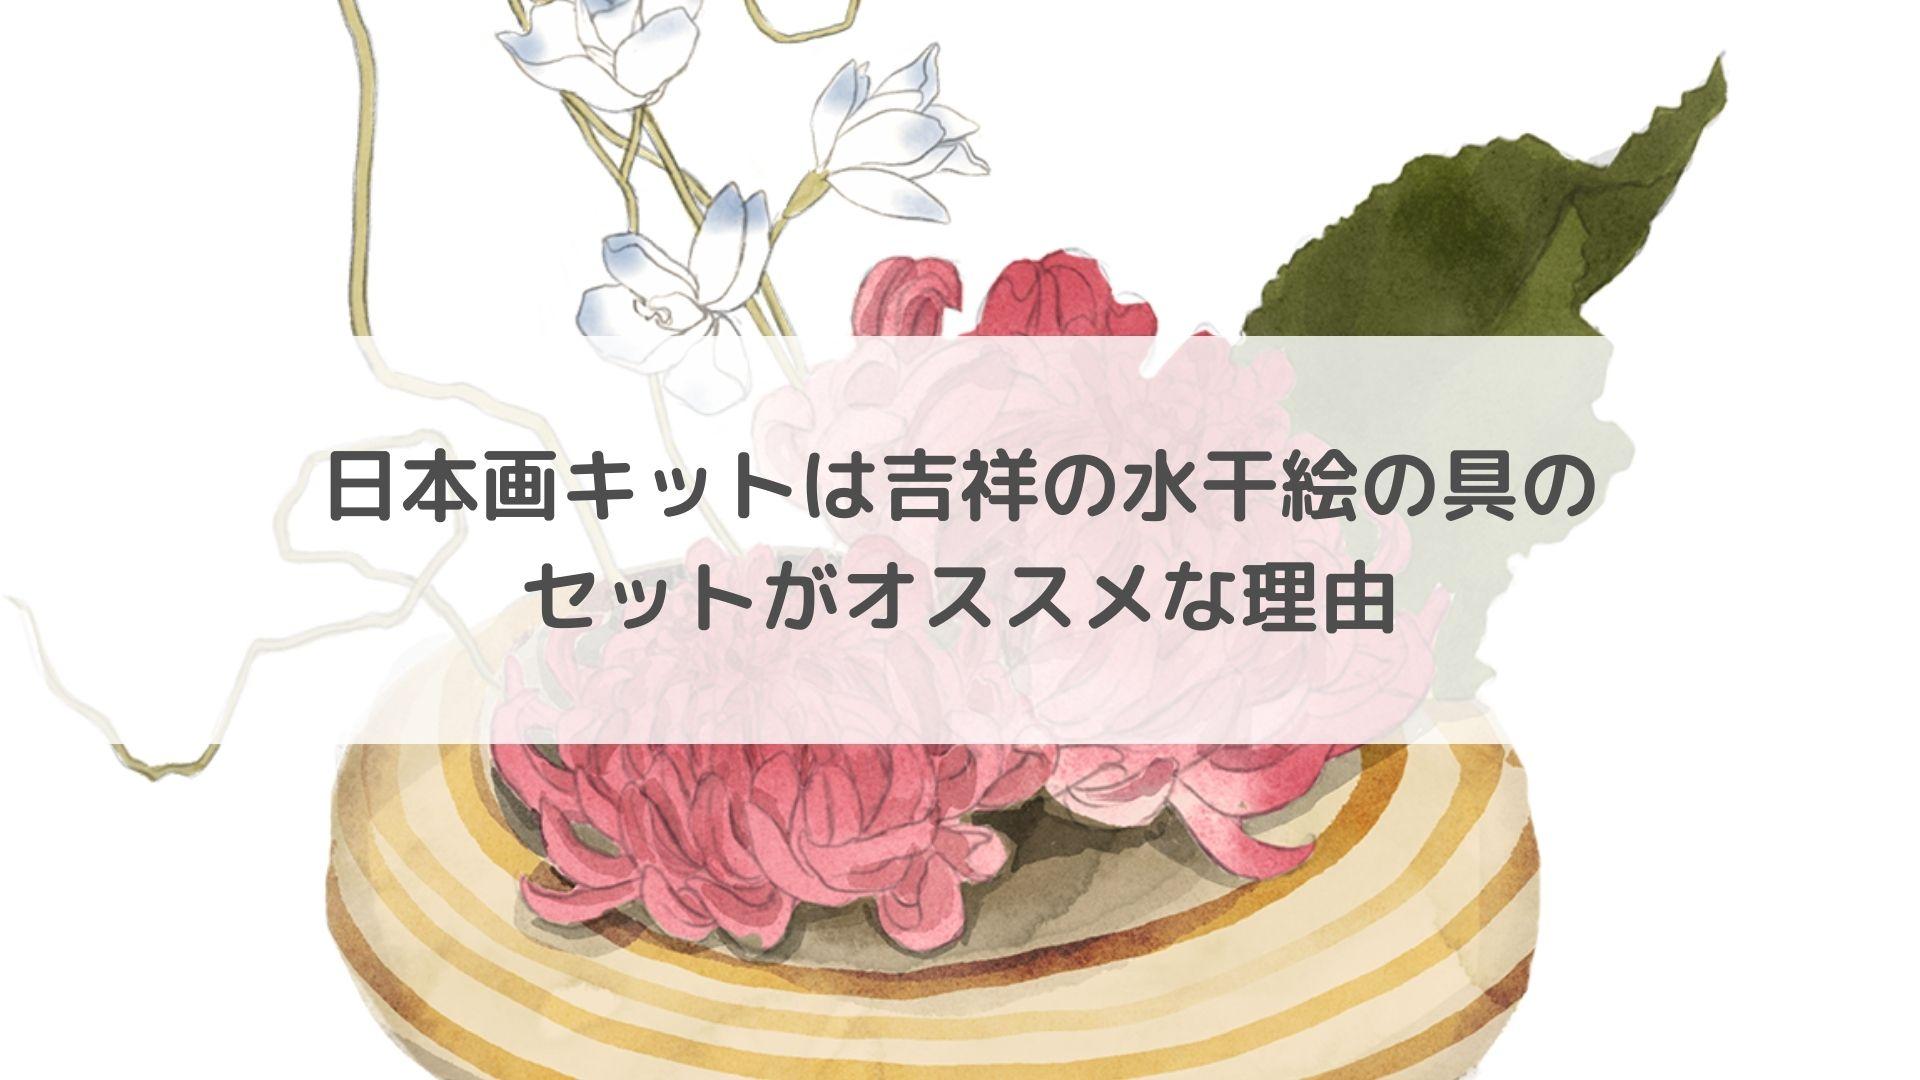 日本画キットは吉祥の水干絵の具のセットがオススメな理由